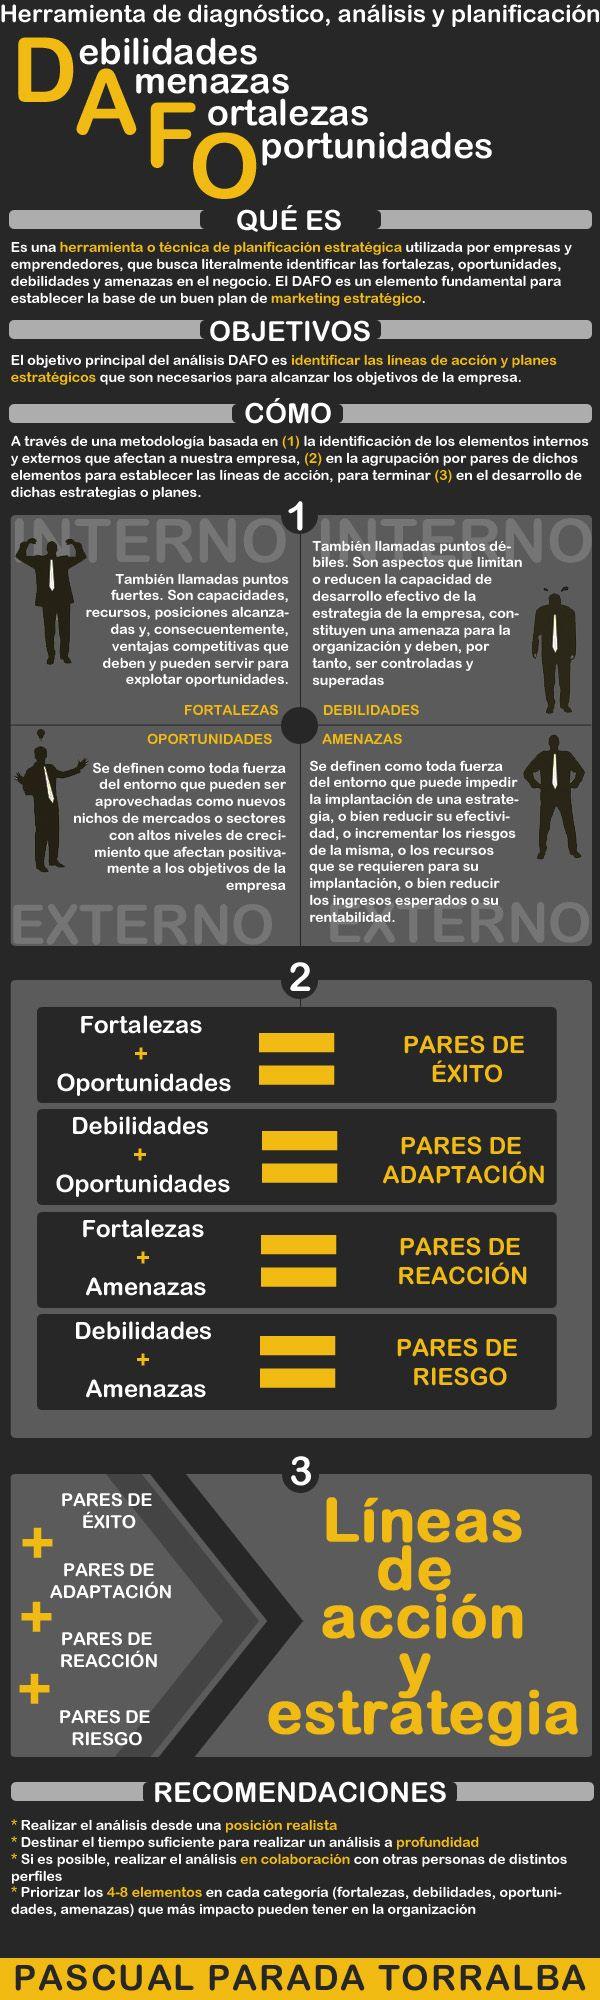 Qué es y cómo se utiliza en Análisis #DAFO. #infografia #empleabilidad